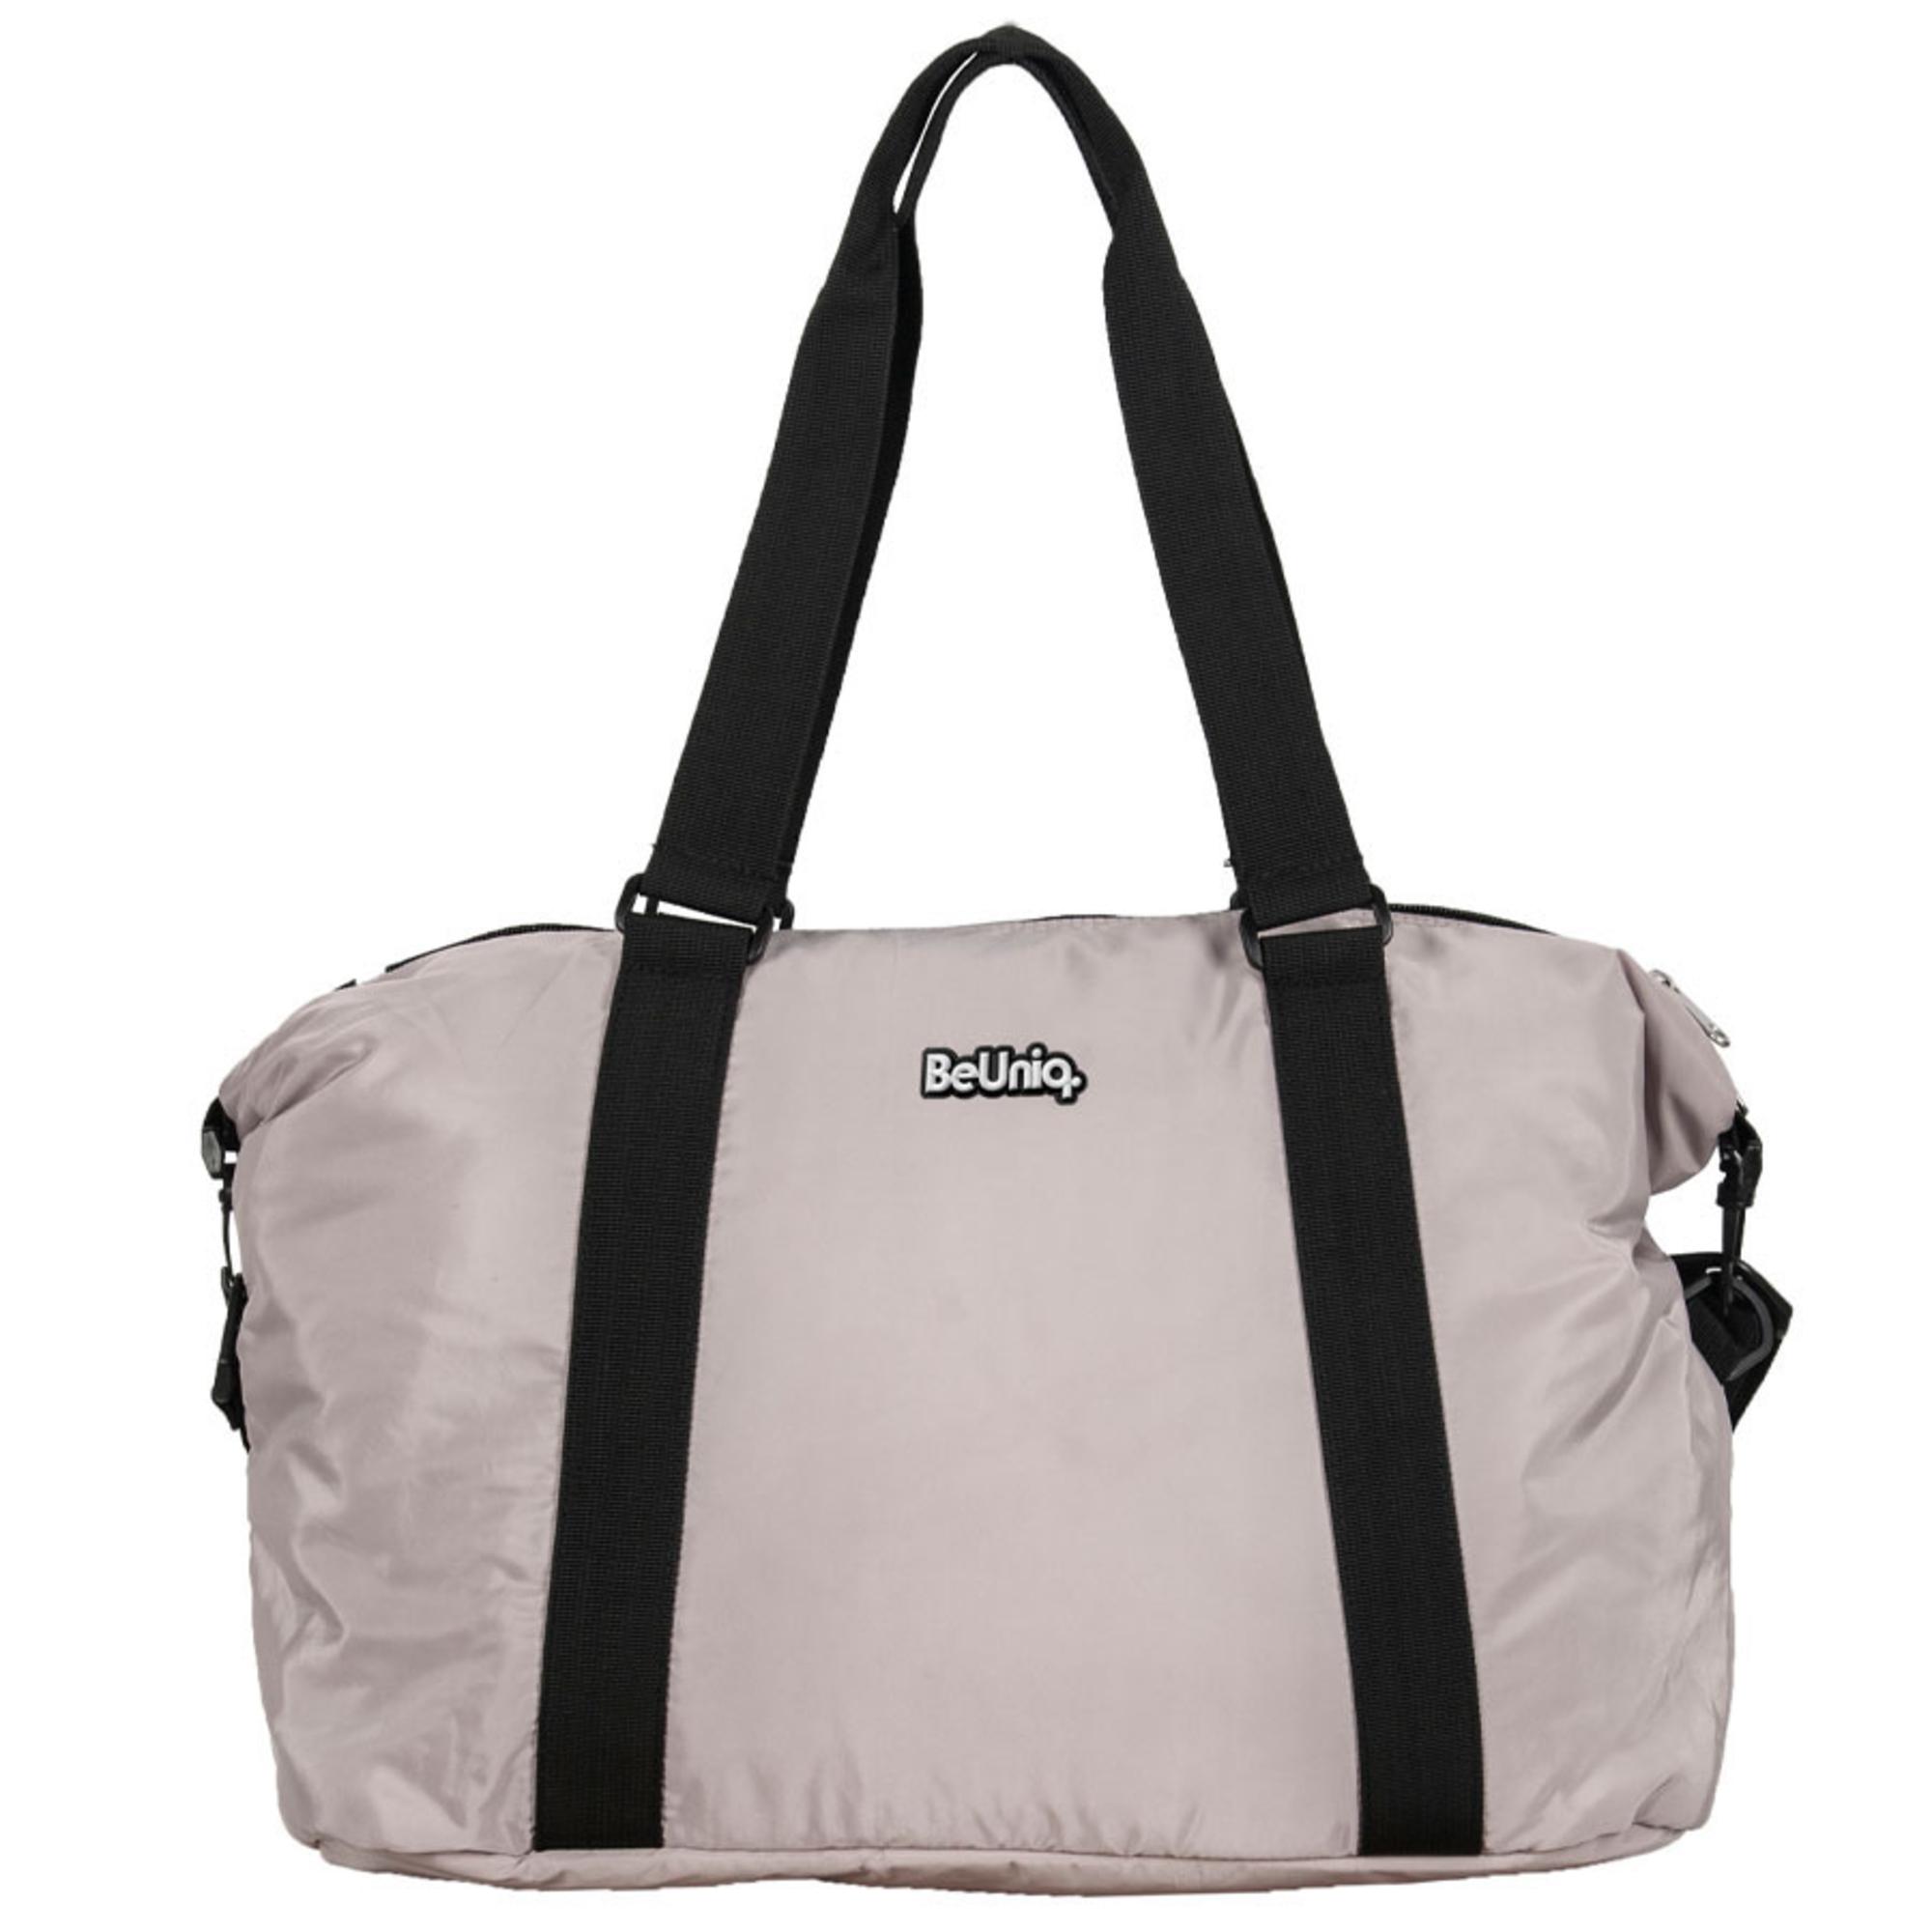 BeUniq Sportovní taška Lifestyle fialová